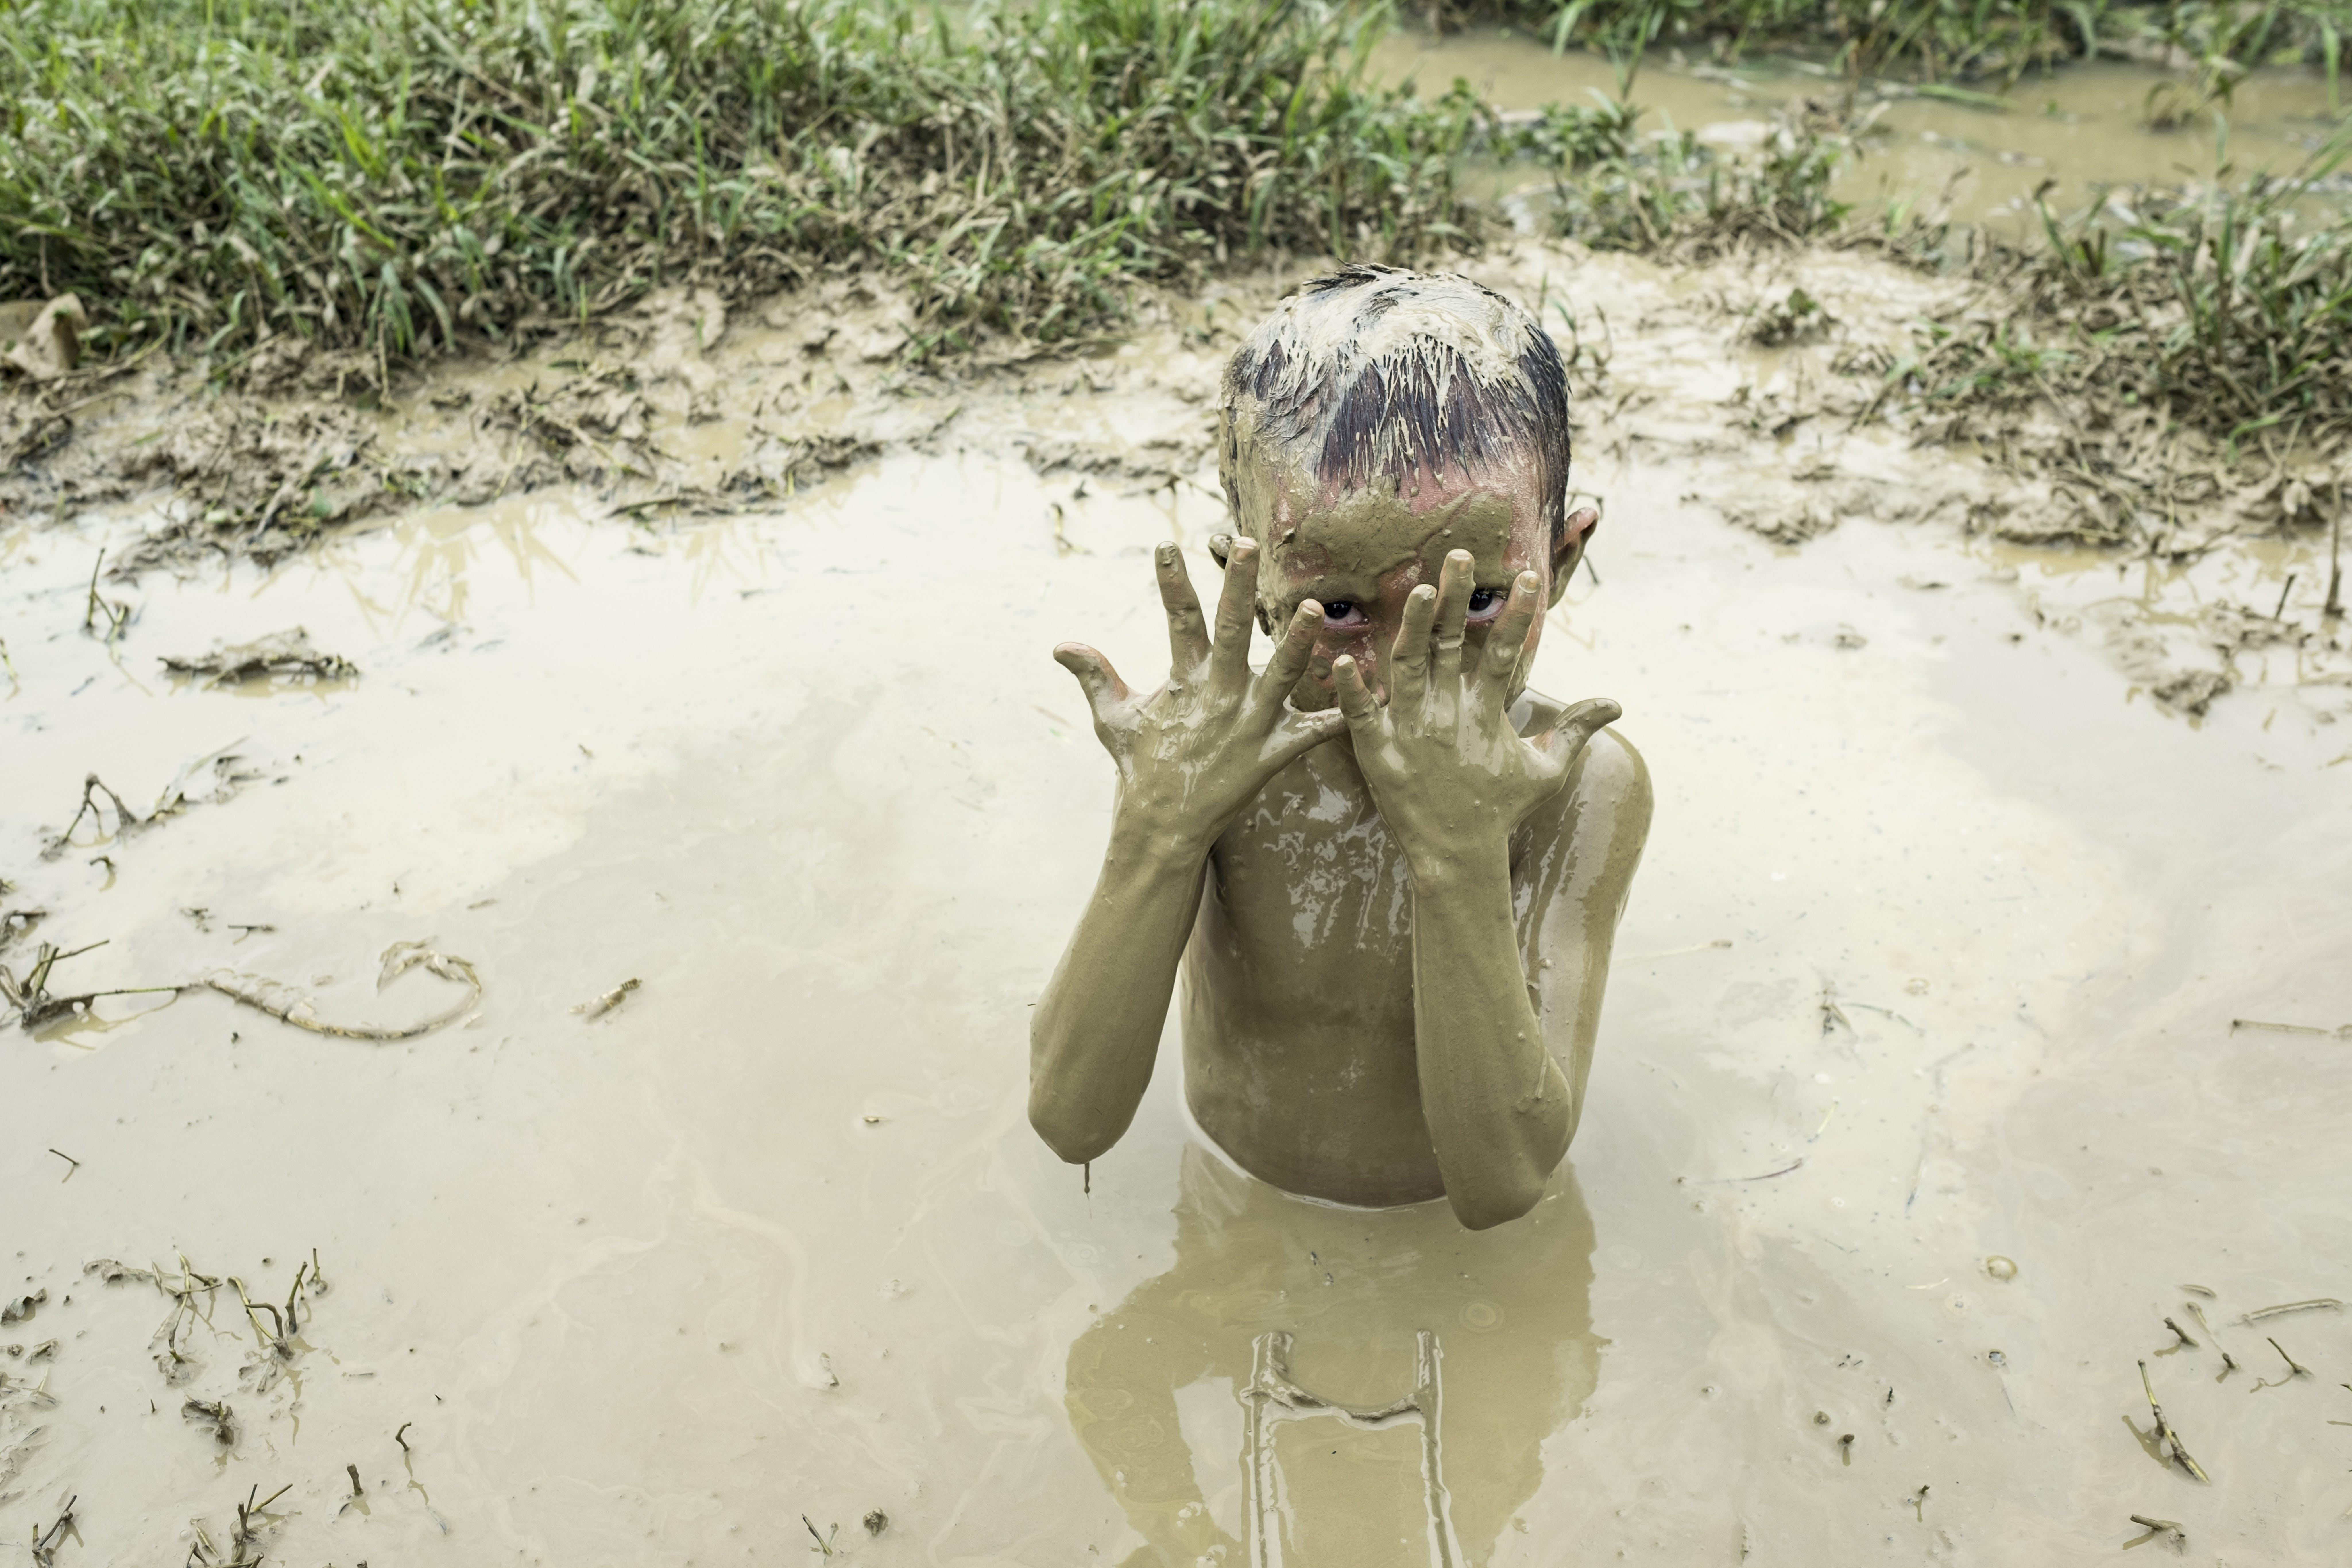 Abu Omair, 5 anni, gioca nel fango in un campo Rohingya a Cox's Bazar. Le piogge monsoniche hanno creato zone fangose in tutti i campi.